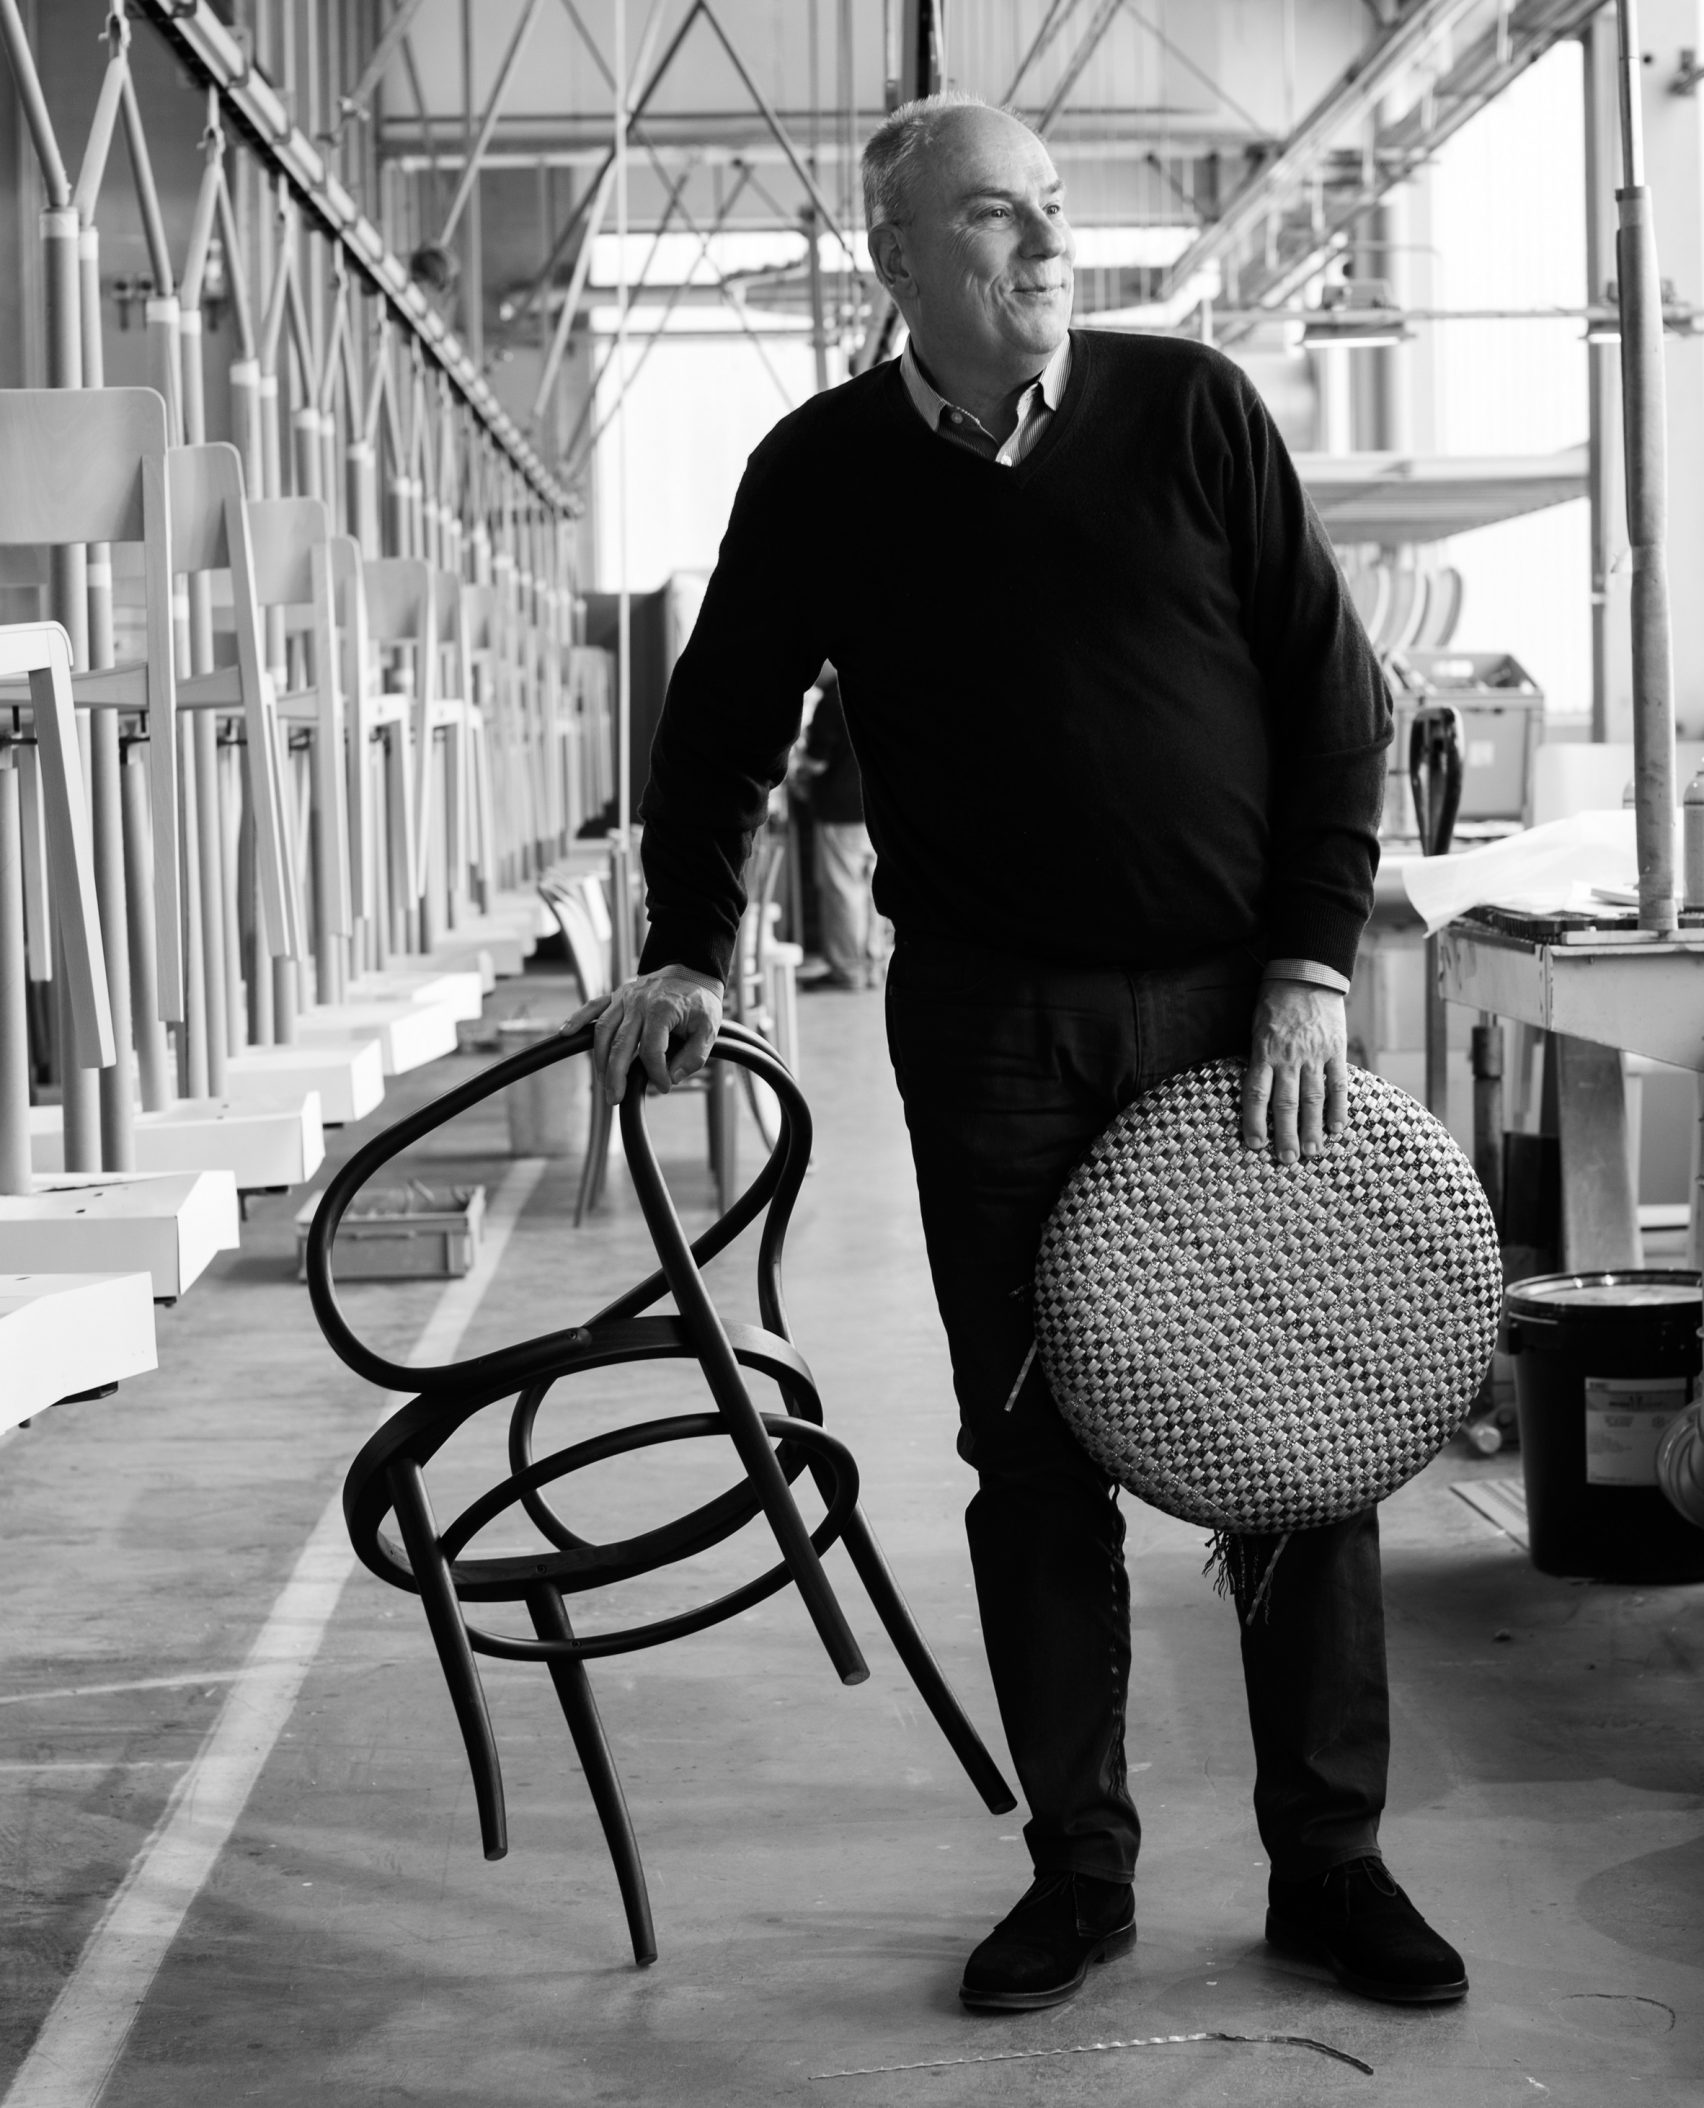 Philip Thonet con la silla 209